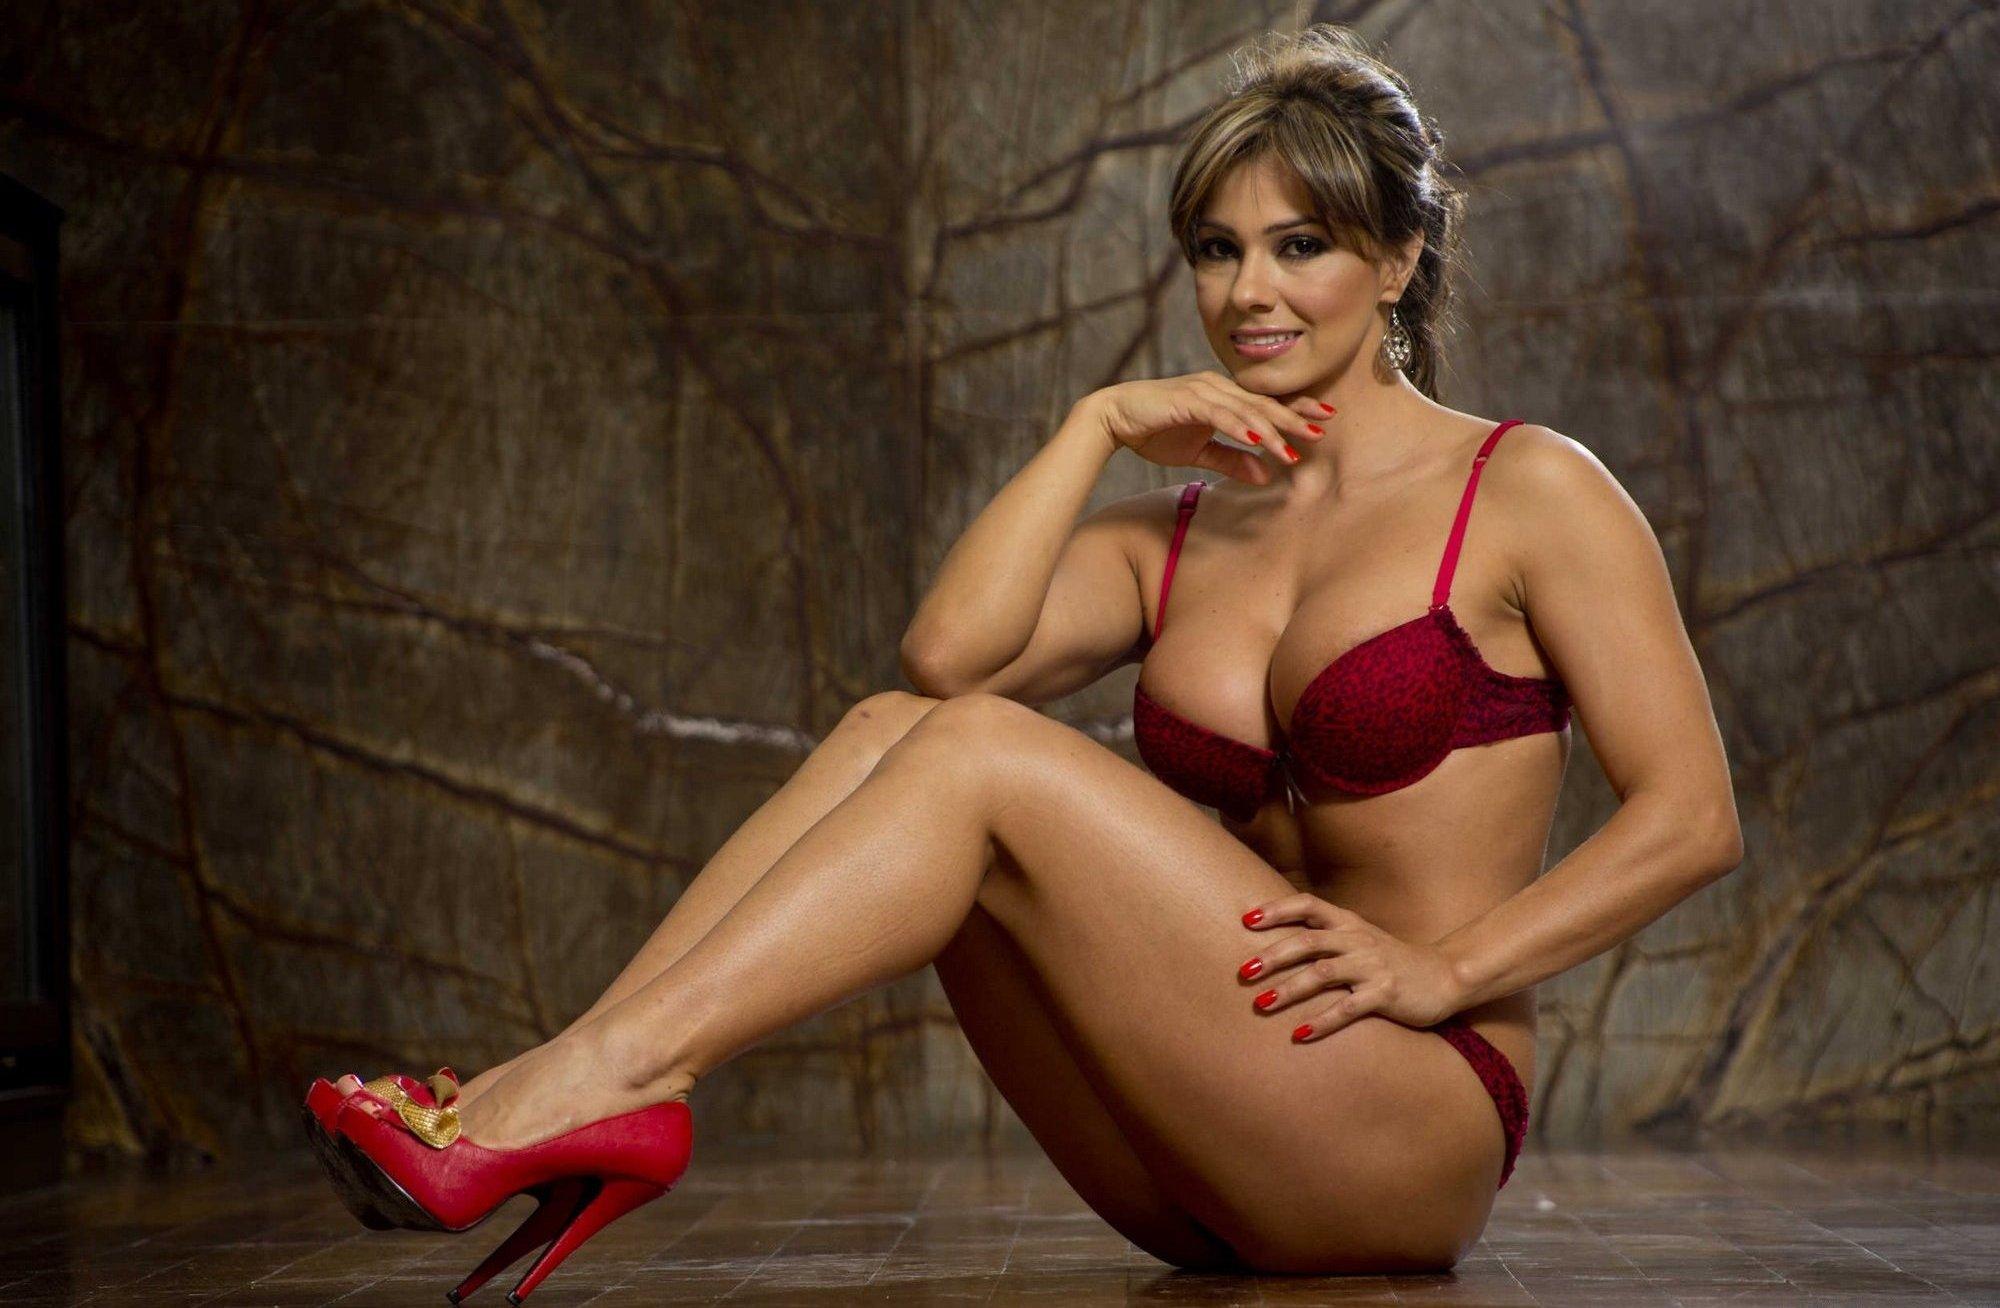 Esperanza Gomez en lingerie